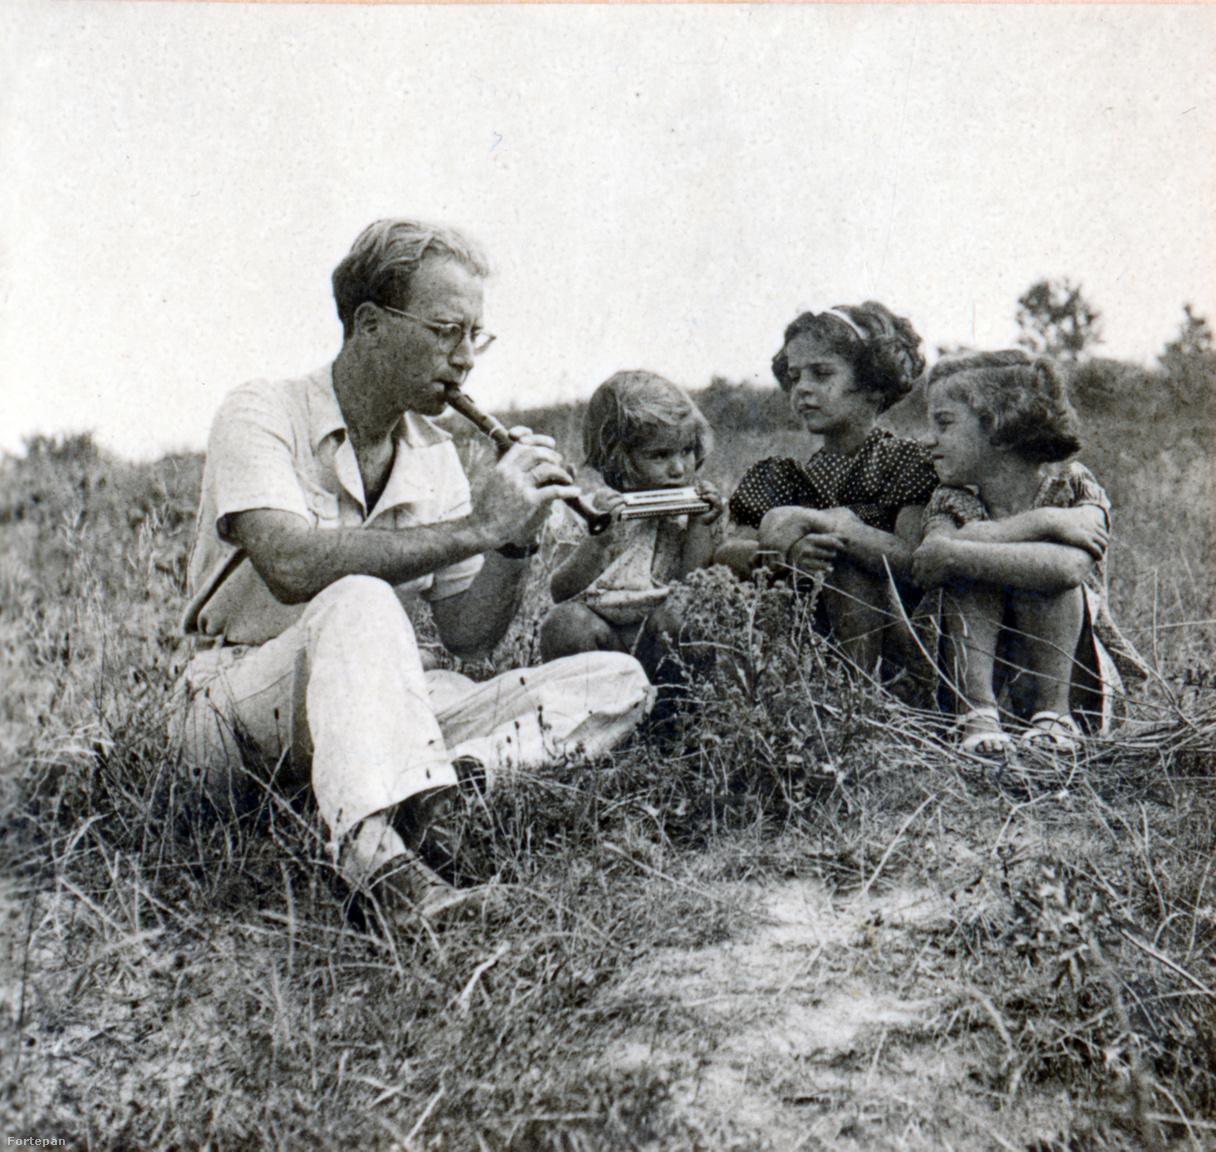 """Preisich Gábor második lányával, az 1940-ben született Katival, egy nyaraló kislánnyal és Preisich AnikóvalA család több éven keresztül nyarait Visegrádon töltötte, a Malomvölgy elején lévő villában, ahol Rut gyerekek nyaraltatását is vállalta. """"Gabi megtanult egy kis furulyán szerény dalocskákat eljátszani, valamennyien körébe gyűltek és énekelgették a kis Kodály-Bartók gyűjtésű dalokat a furulyaszóra."""""""